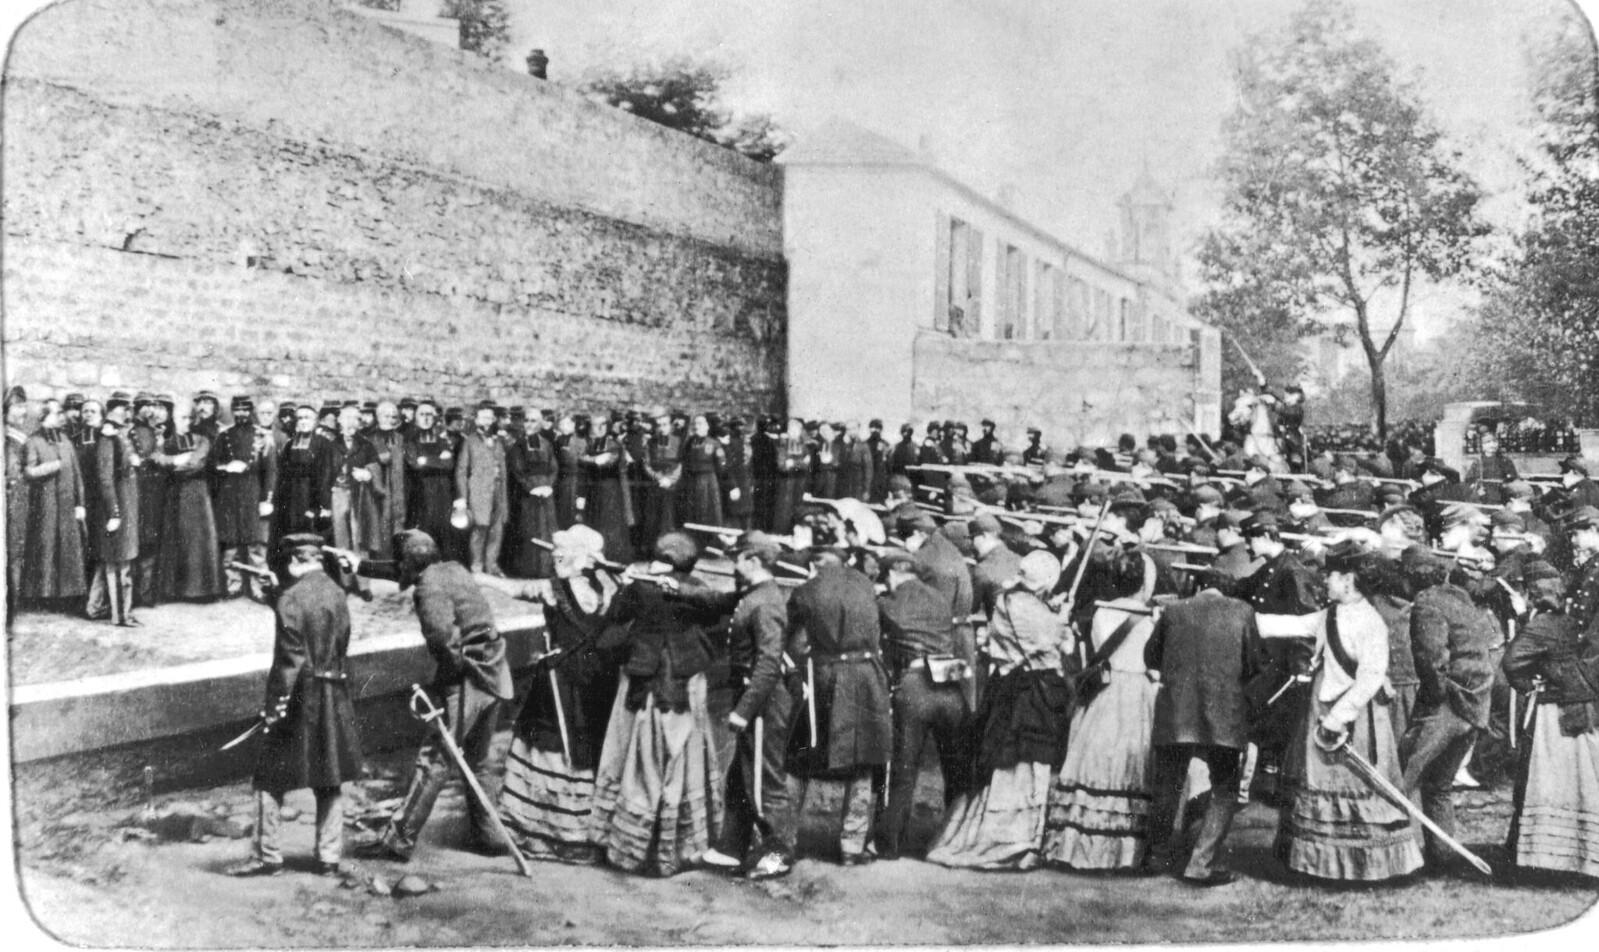 Убийство 62 заложников 26 мая 1871 в 5 часов утра на улице напротив виллы Хаксо Левека в Бельвилле (Фотомонтаж, сделанный после падения Коммуны)